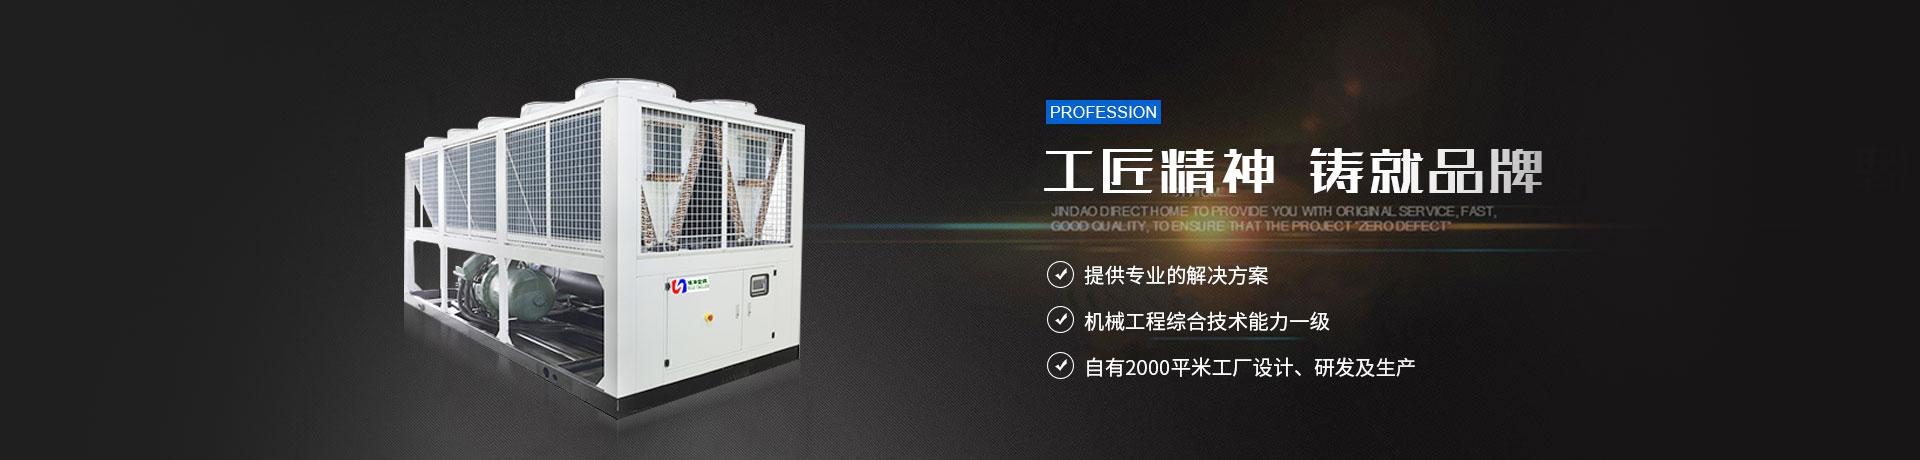 冰水机组,工业冷水机,螺杆冷水机,盐水冷冻机,防爆冷水机 ,冰水机